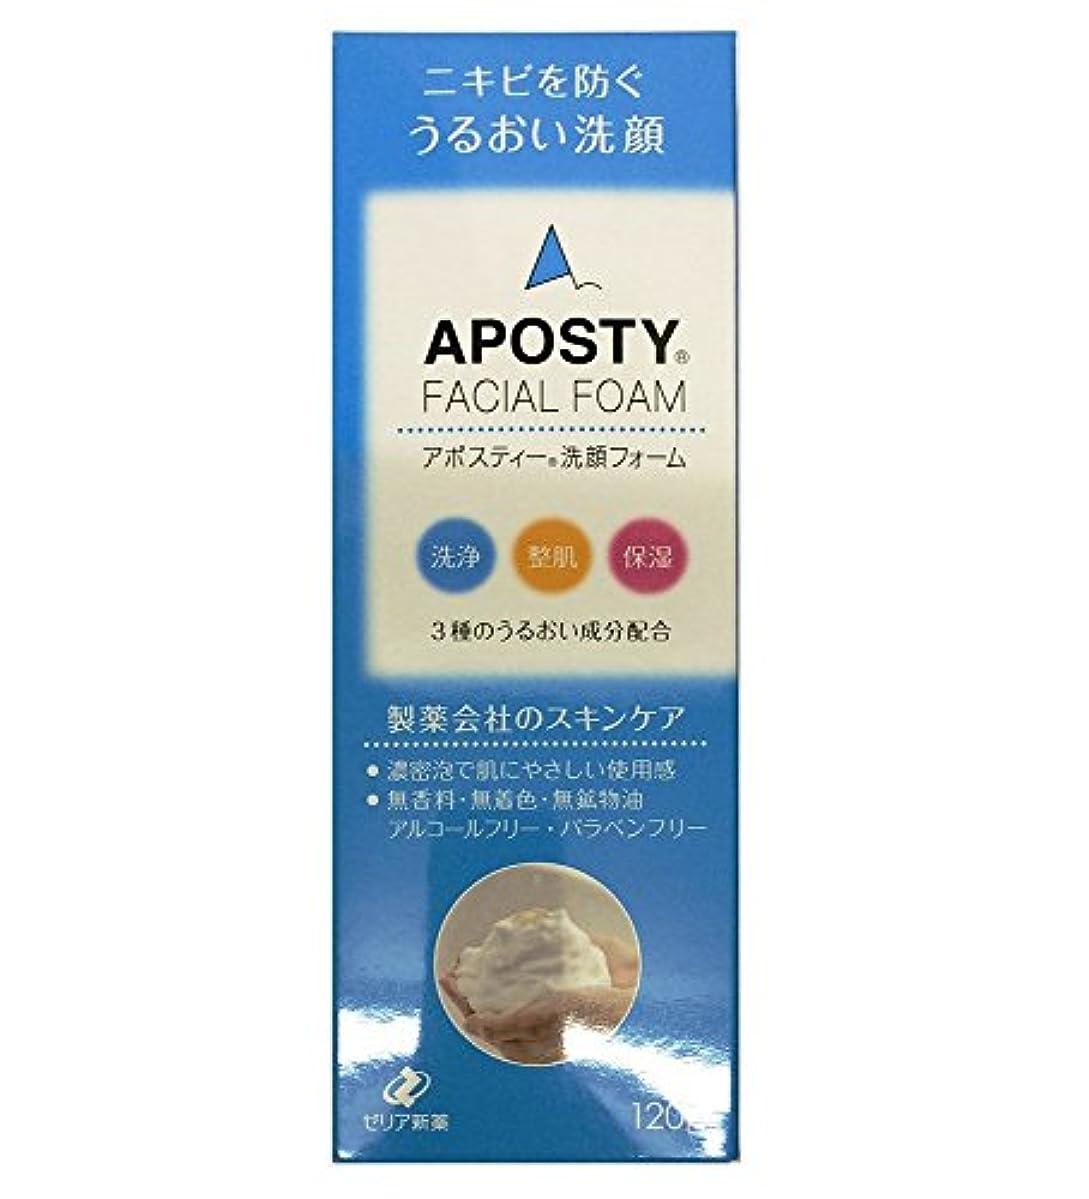 ひいきにする引き出しラベンダーゼリア新薬工業 アポスティー 洗顔フォーム 120g